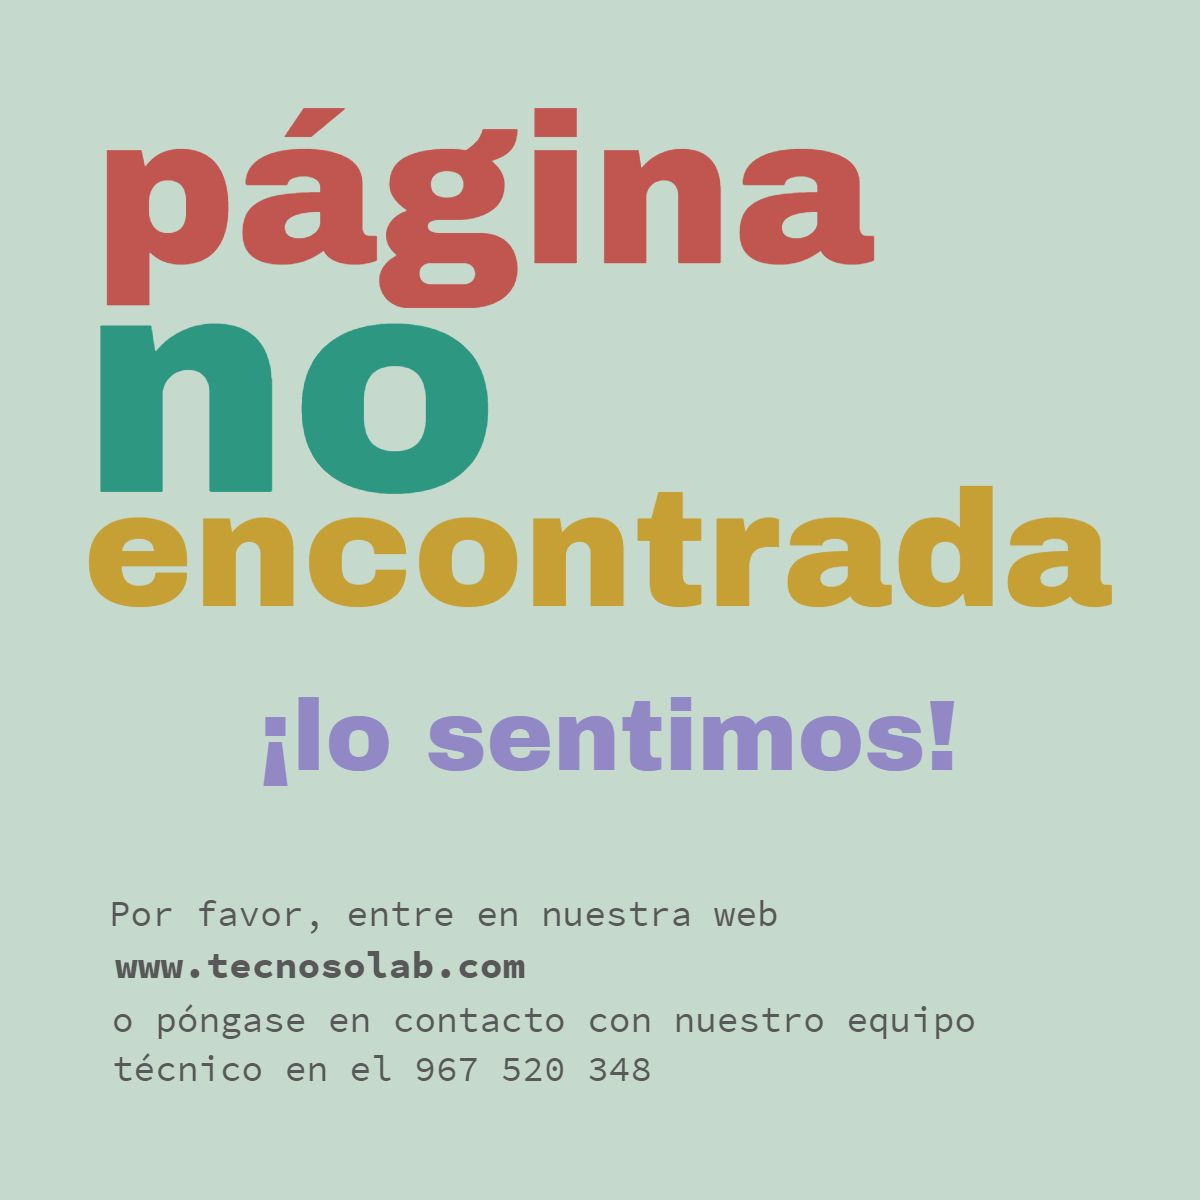 página no encontrada BLOG TECNOSOL Albacete